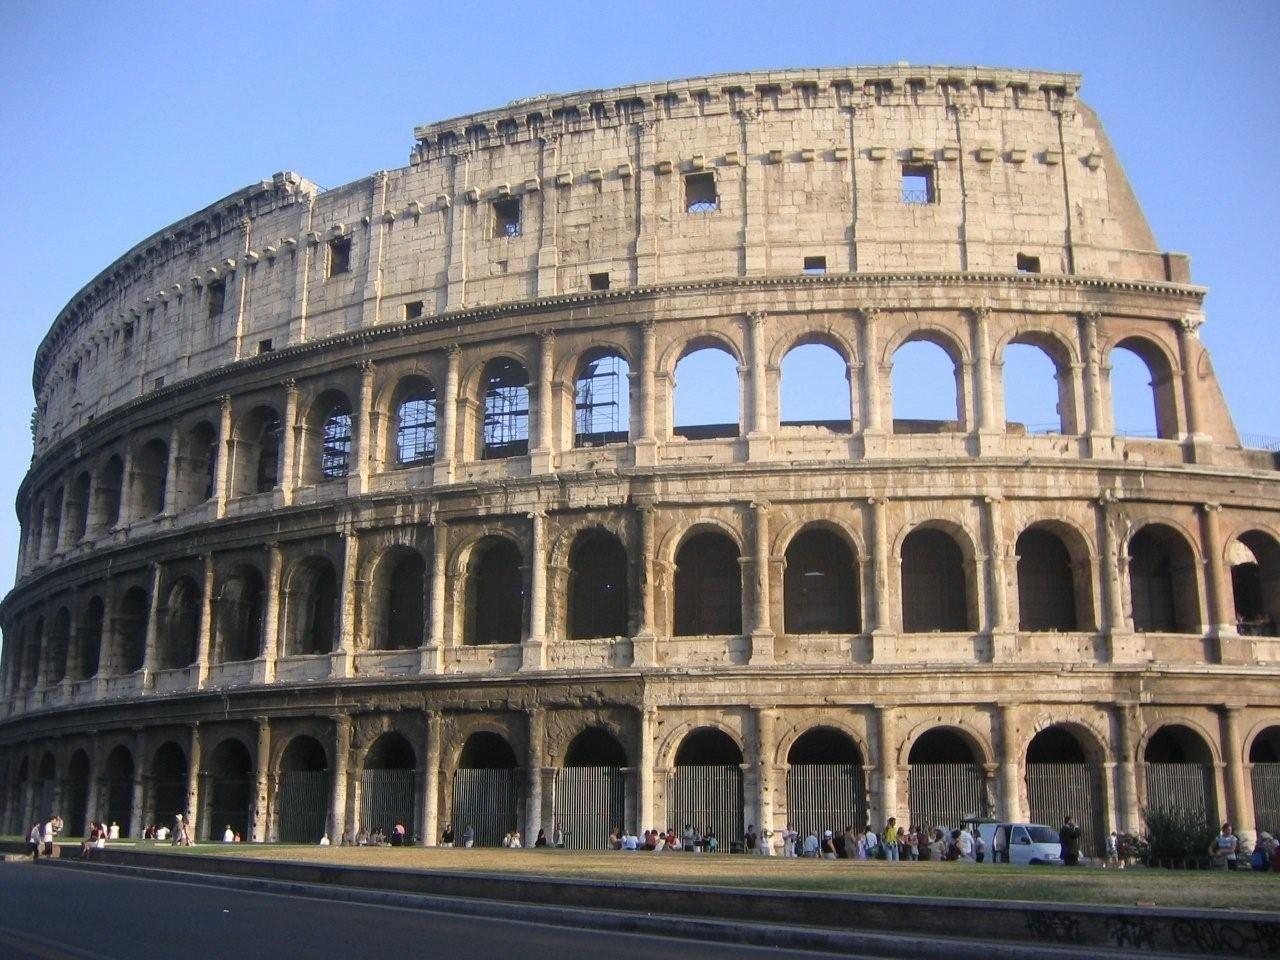 «Vendedores ambulantes» abusan de los turistas que visitan el Coliseo romano